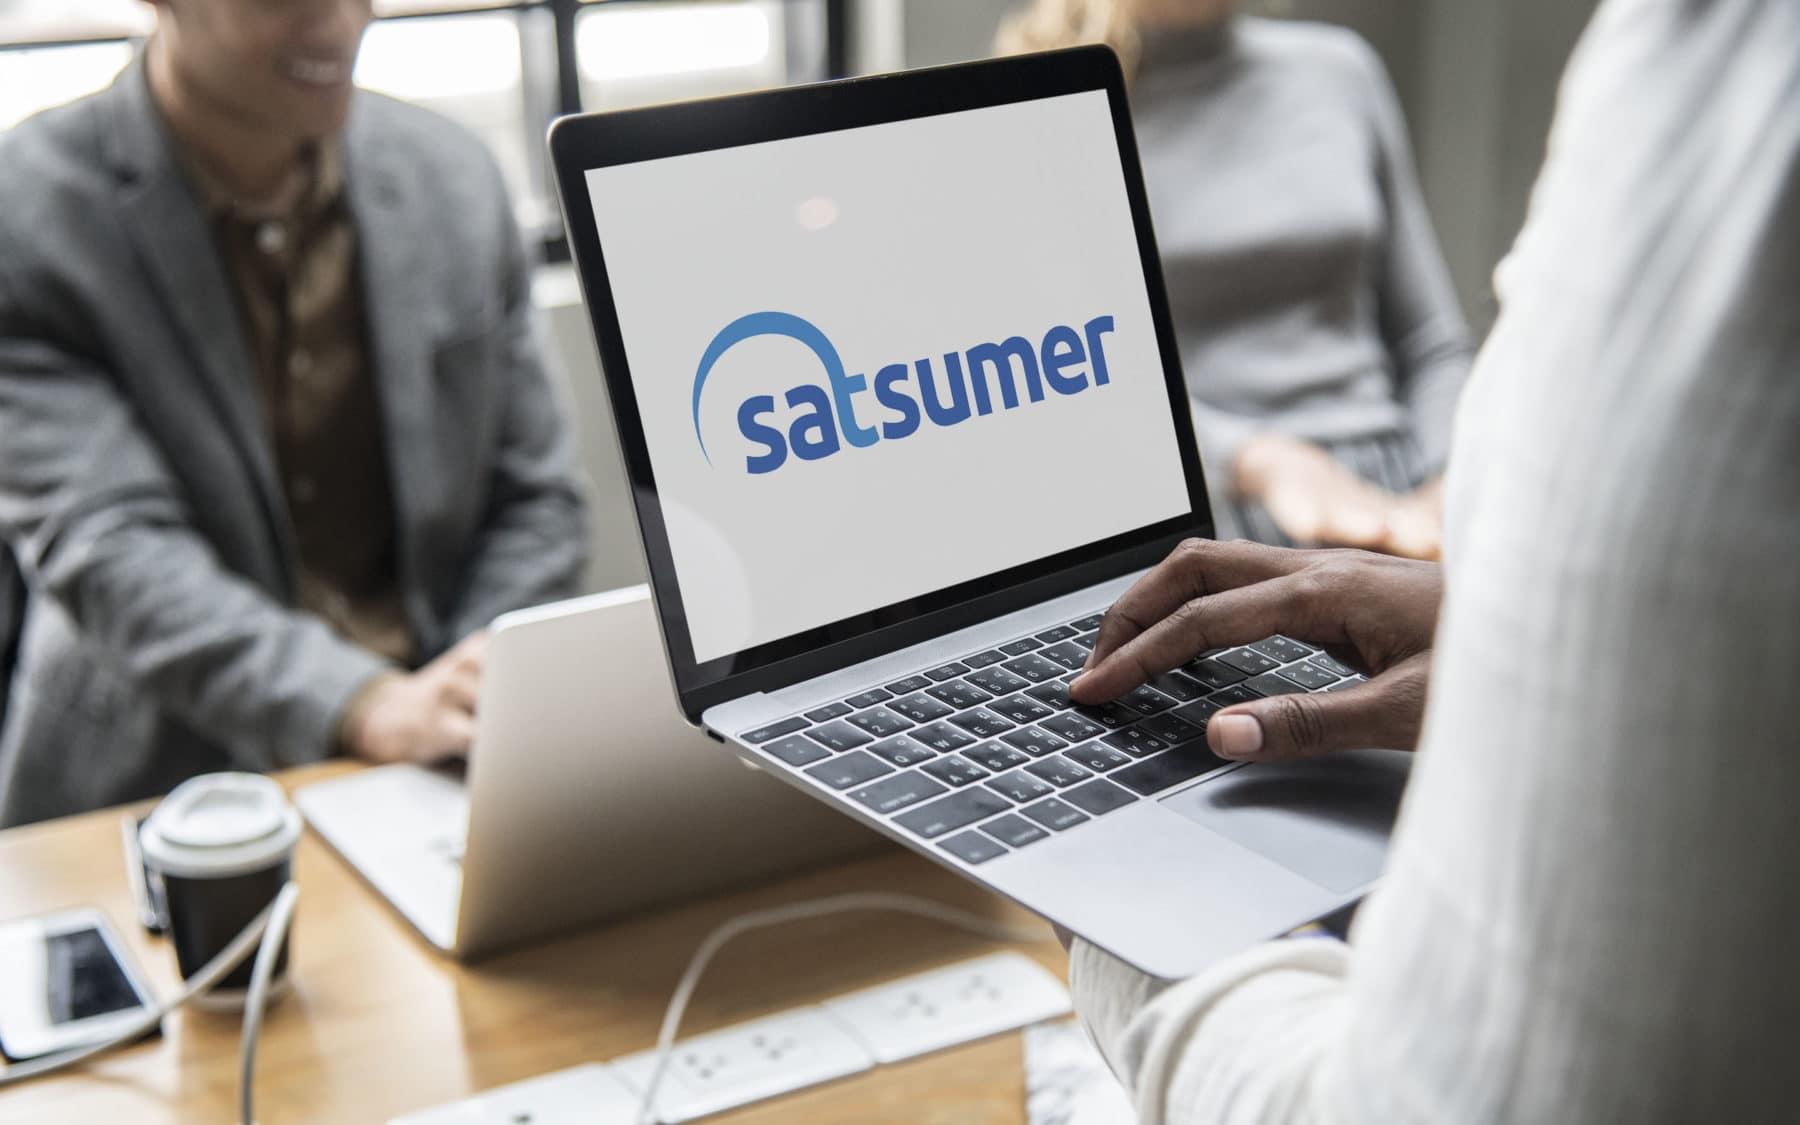 Satsumer 2